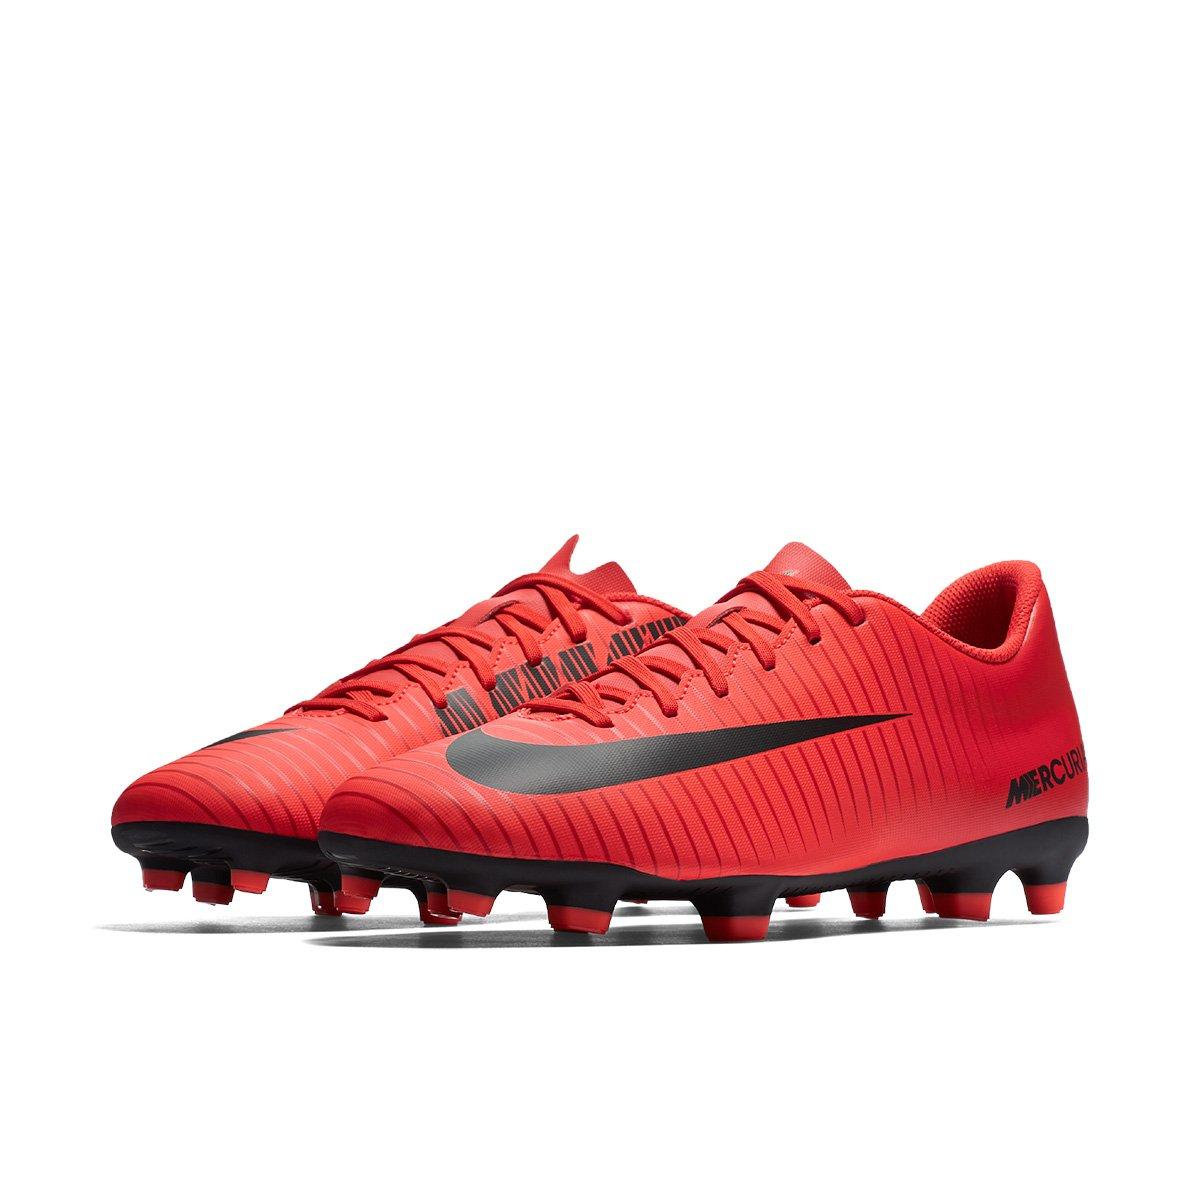 Chuteira Campo Nike Mercurial Vortex 3 FG - Compre Agora  9aaf23f28e3c0